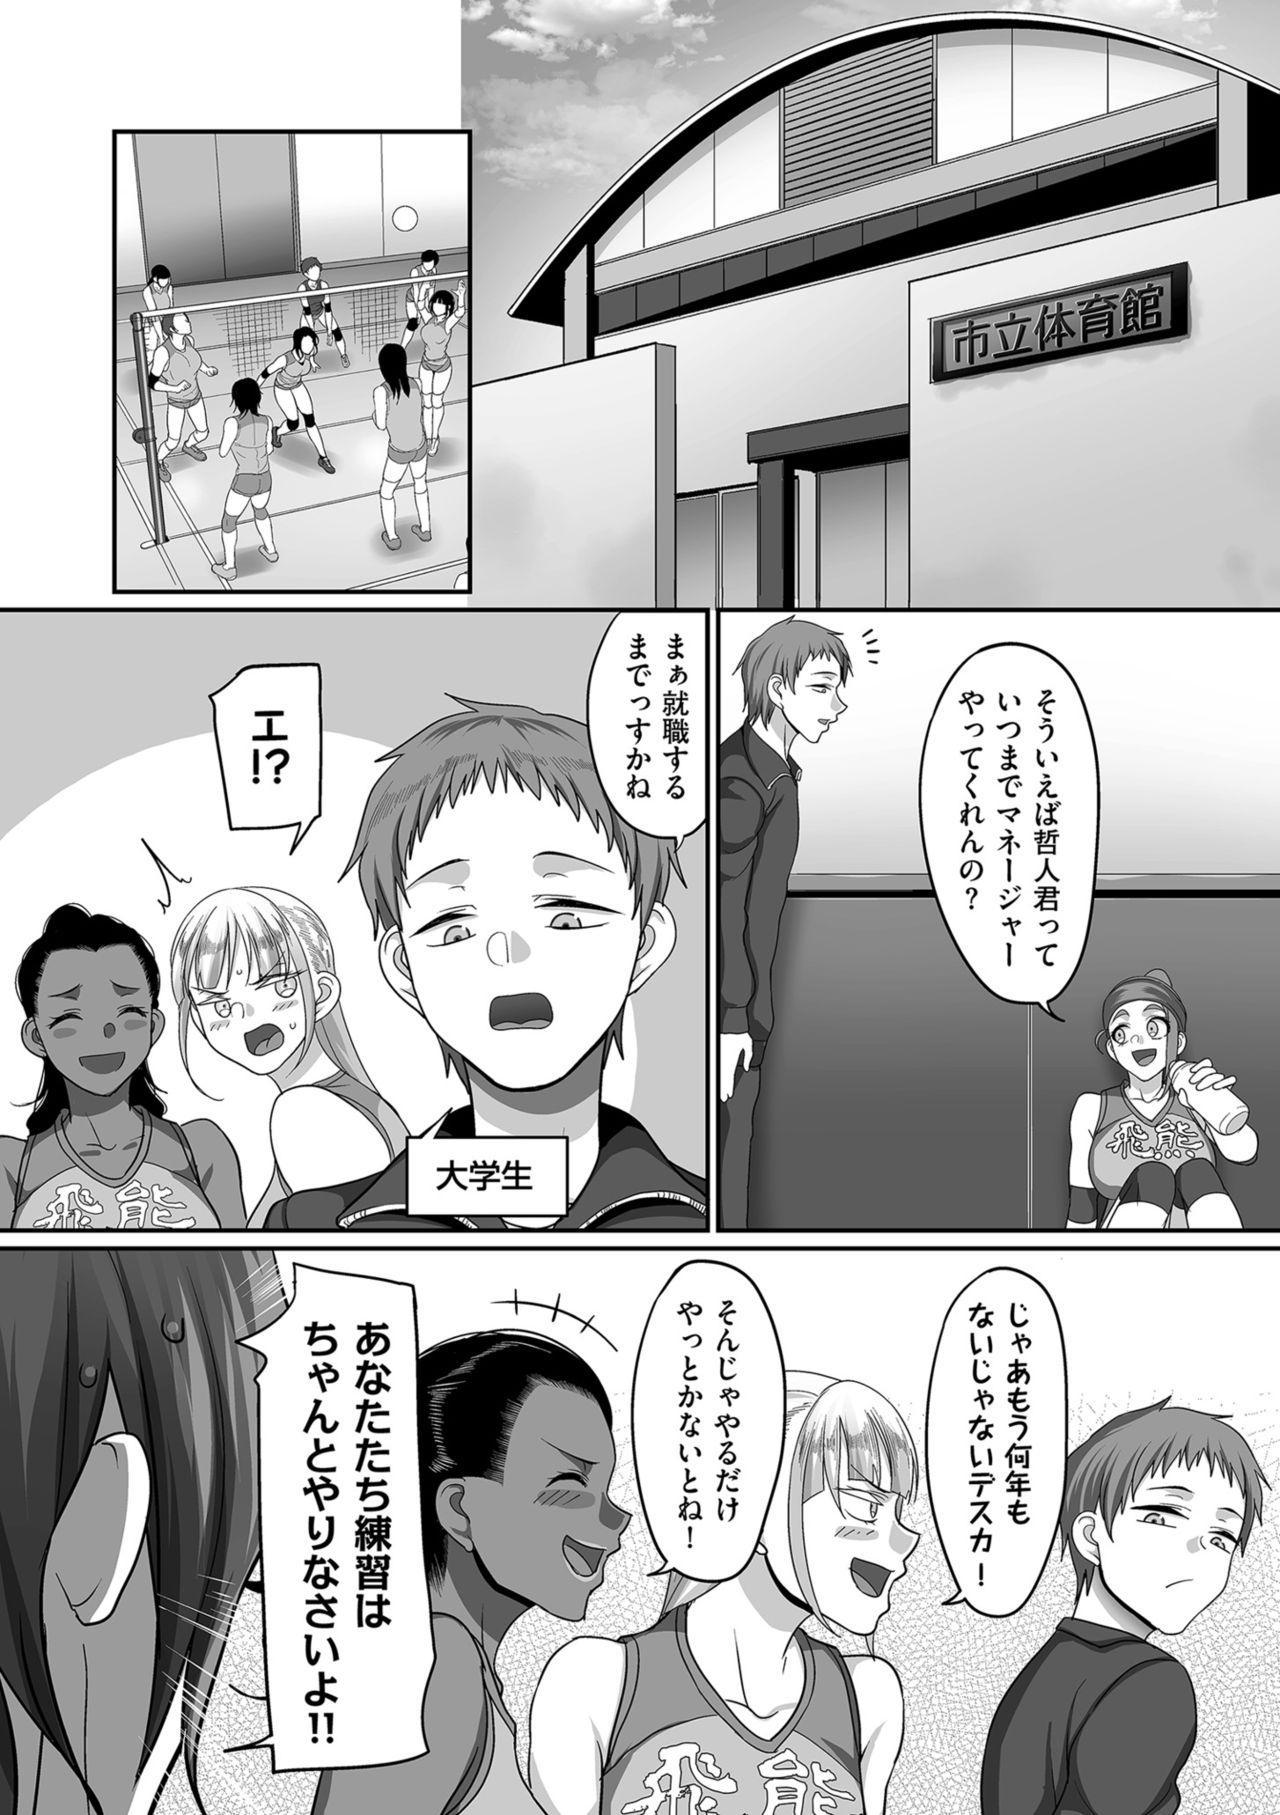 [Yamamoto Zenzen] S-ken K-shi Shakaijin Joshi Volleyball Circle no Jijou [Digital] 215